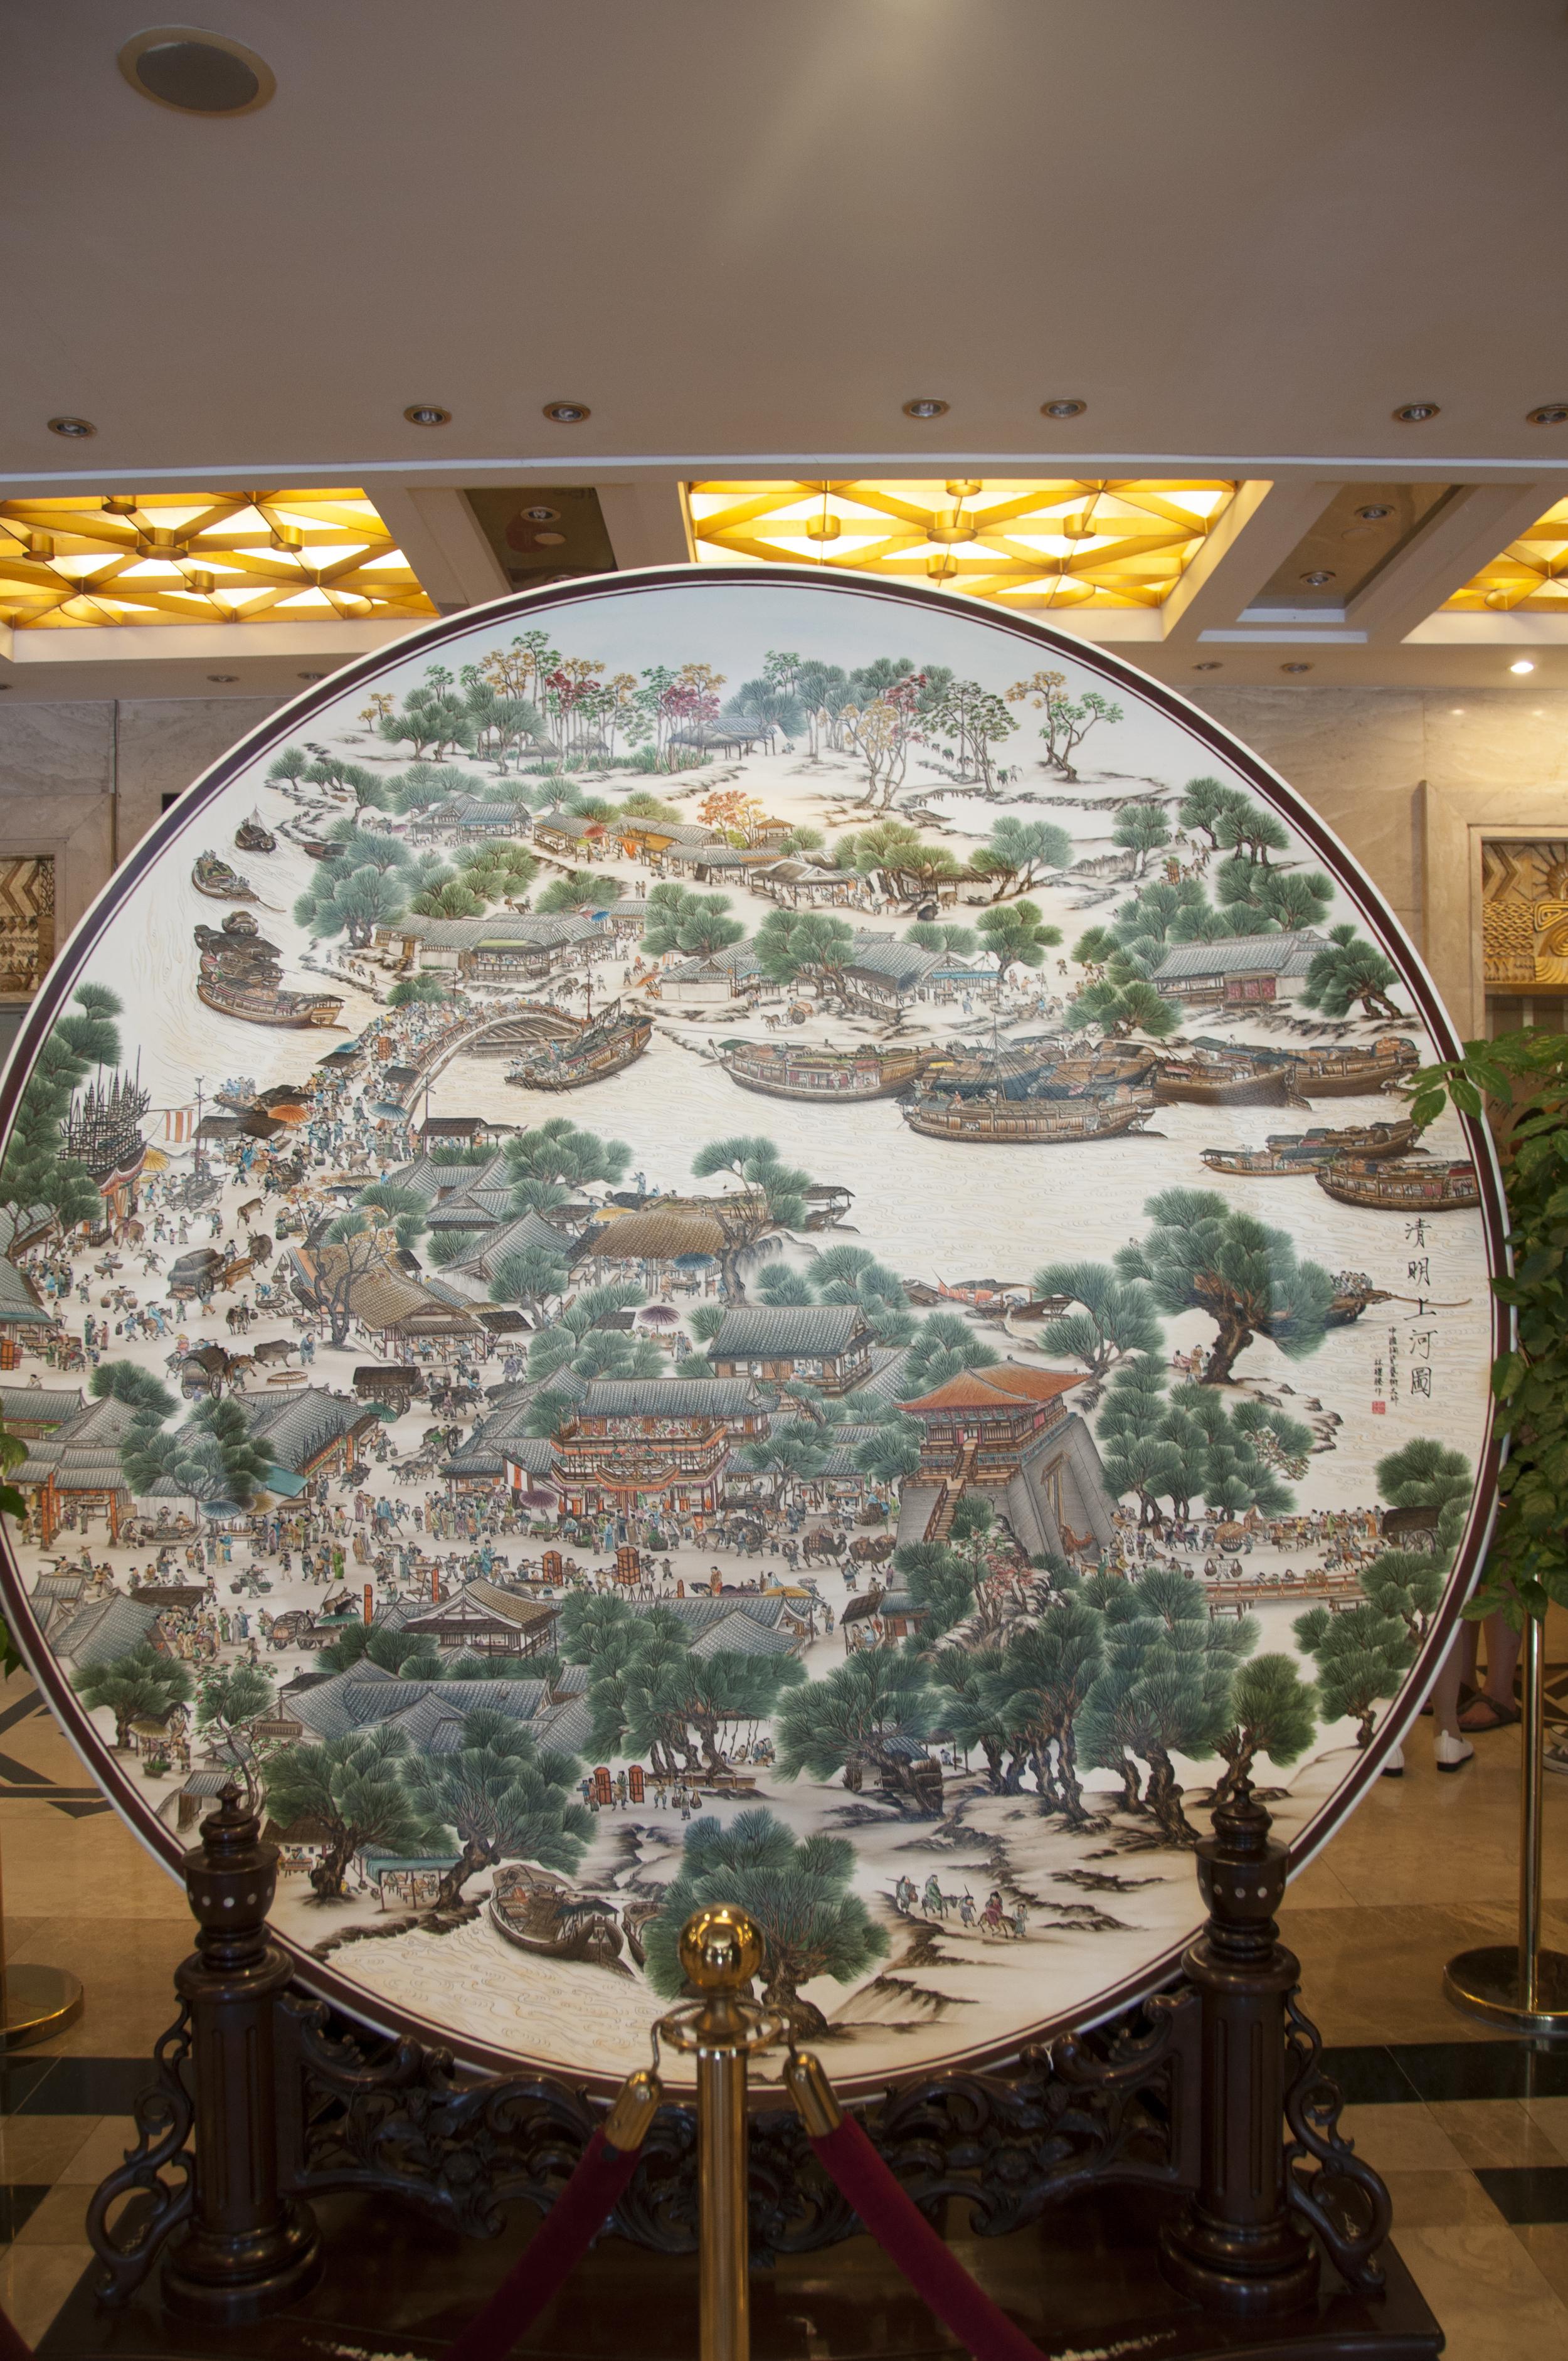 Teochew ceramic art